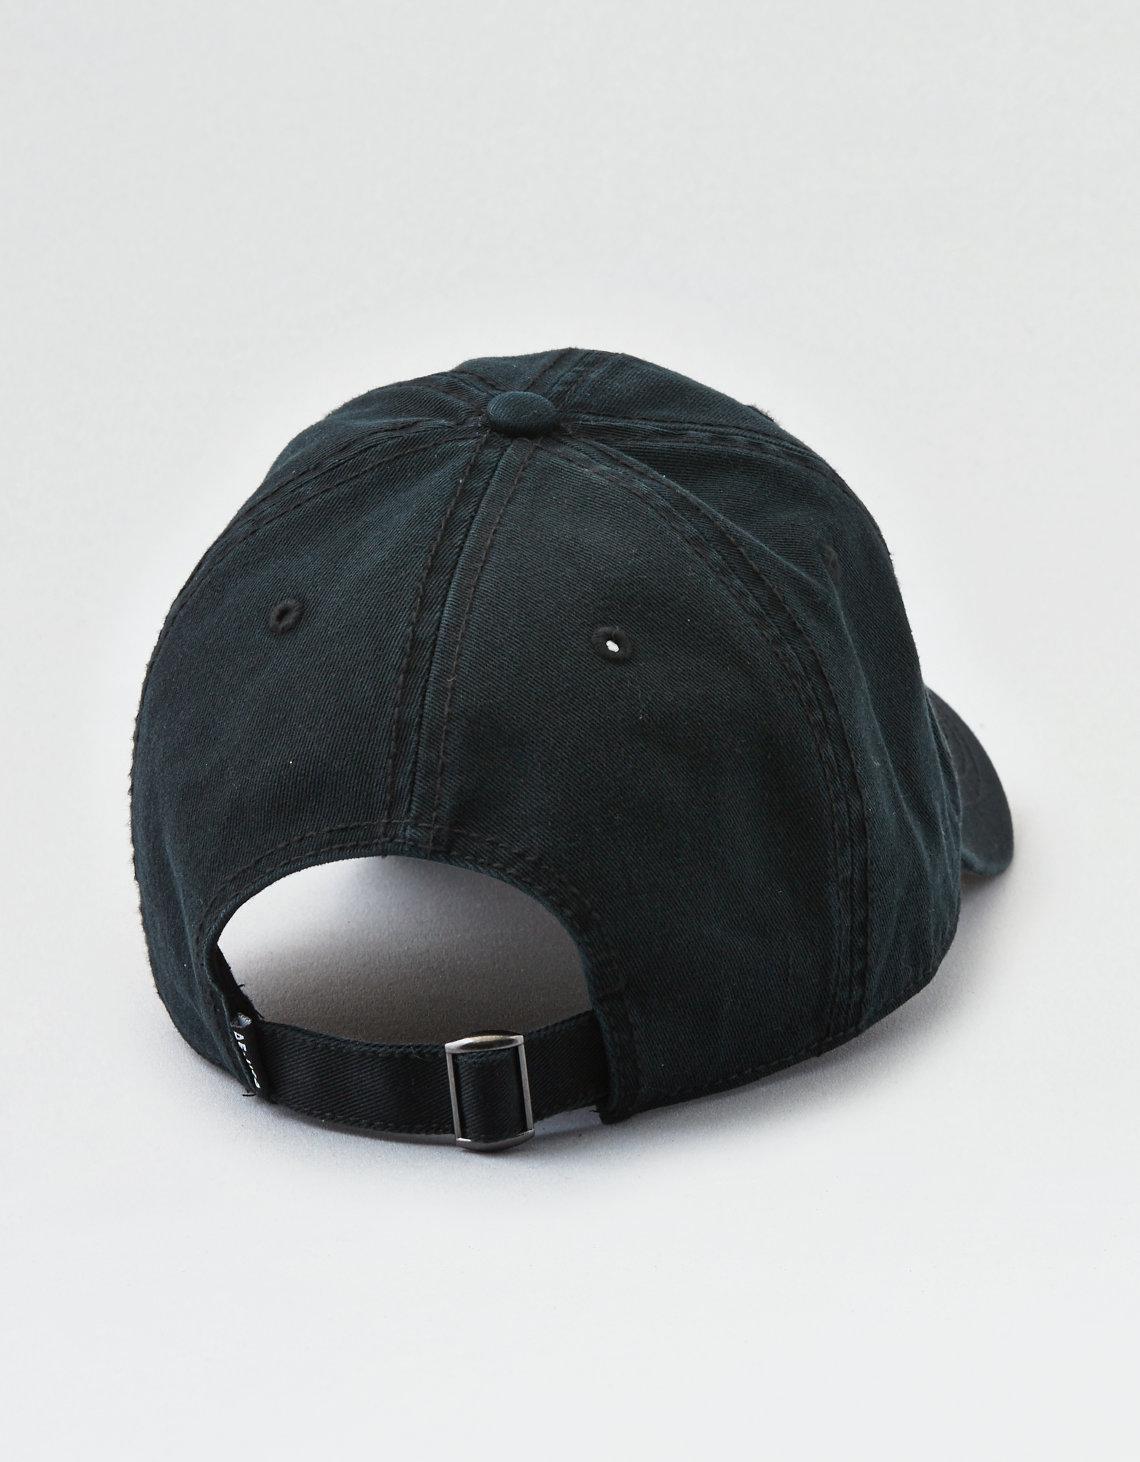 Lyst - American Eagle Ae Blank Dad Hat in Black for Men 7c0de12a794b